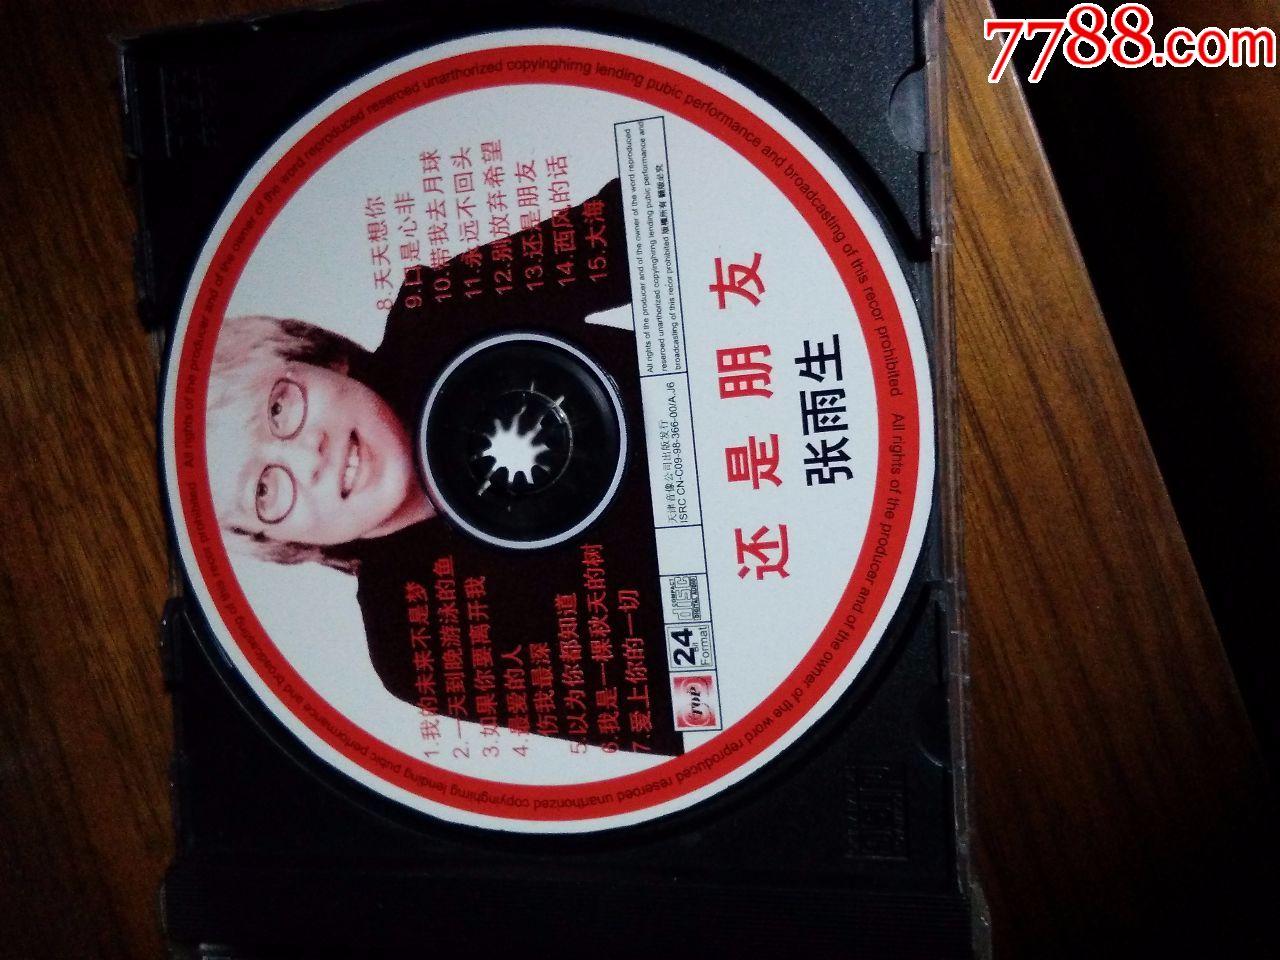 张雨生张学友张宇赵传周华健摩登律师迈克尔波讲堂语录法律美女的图片